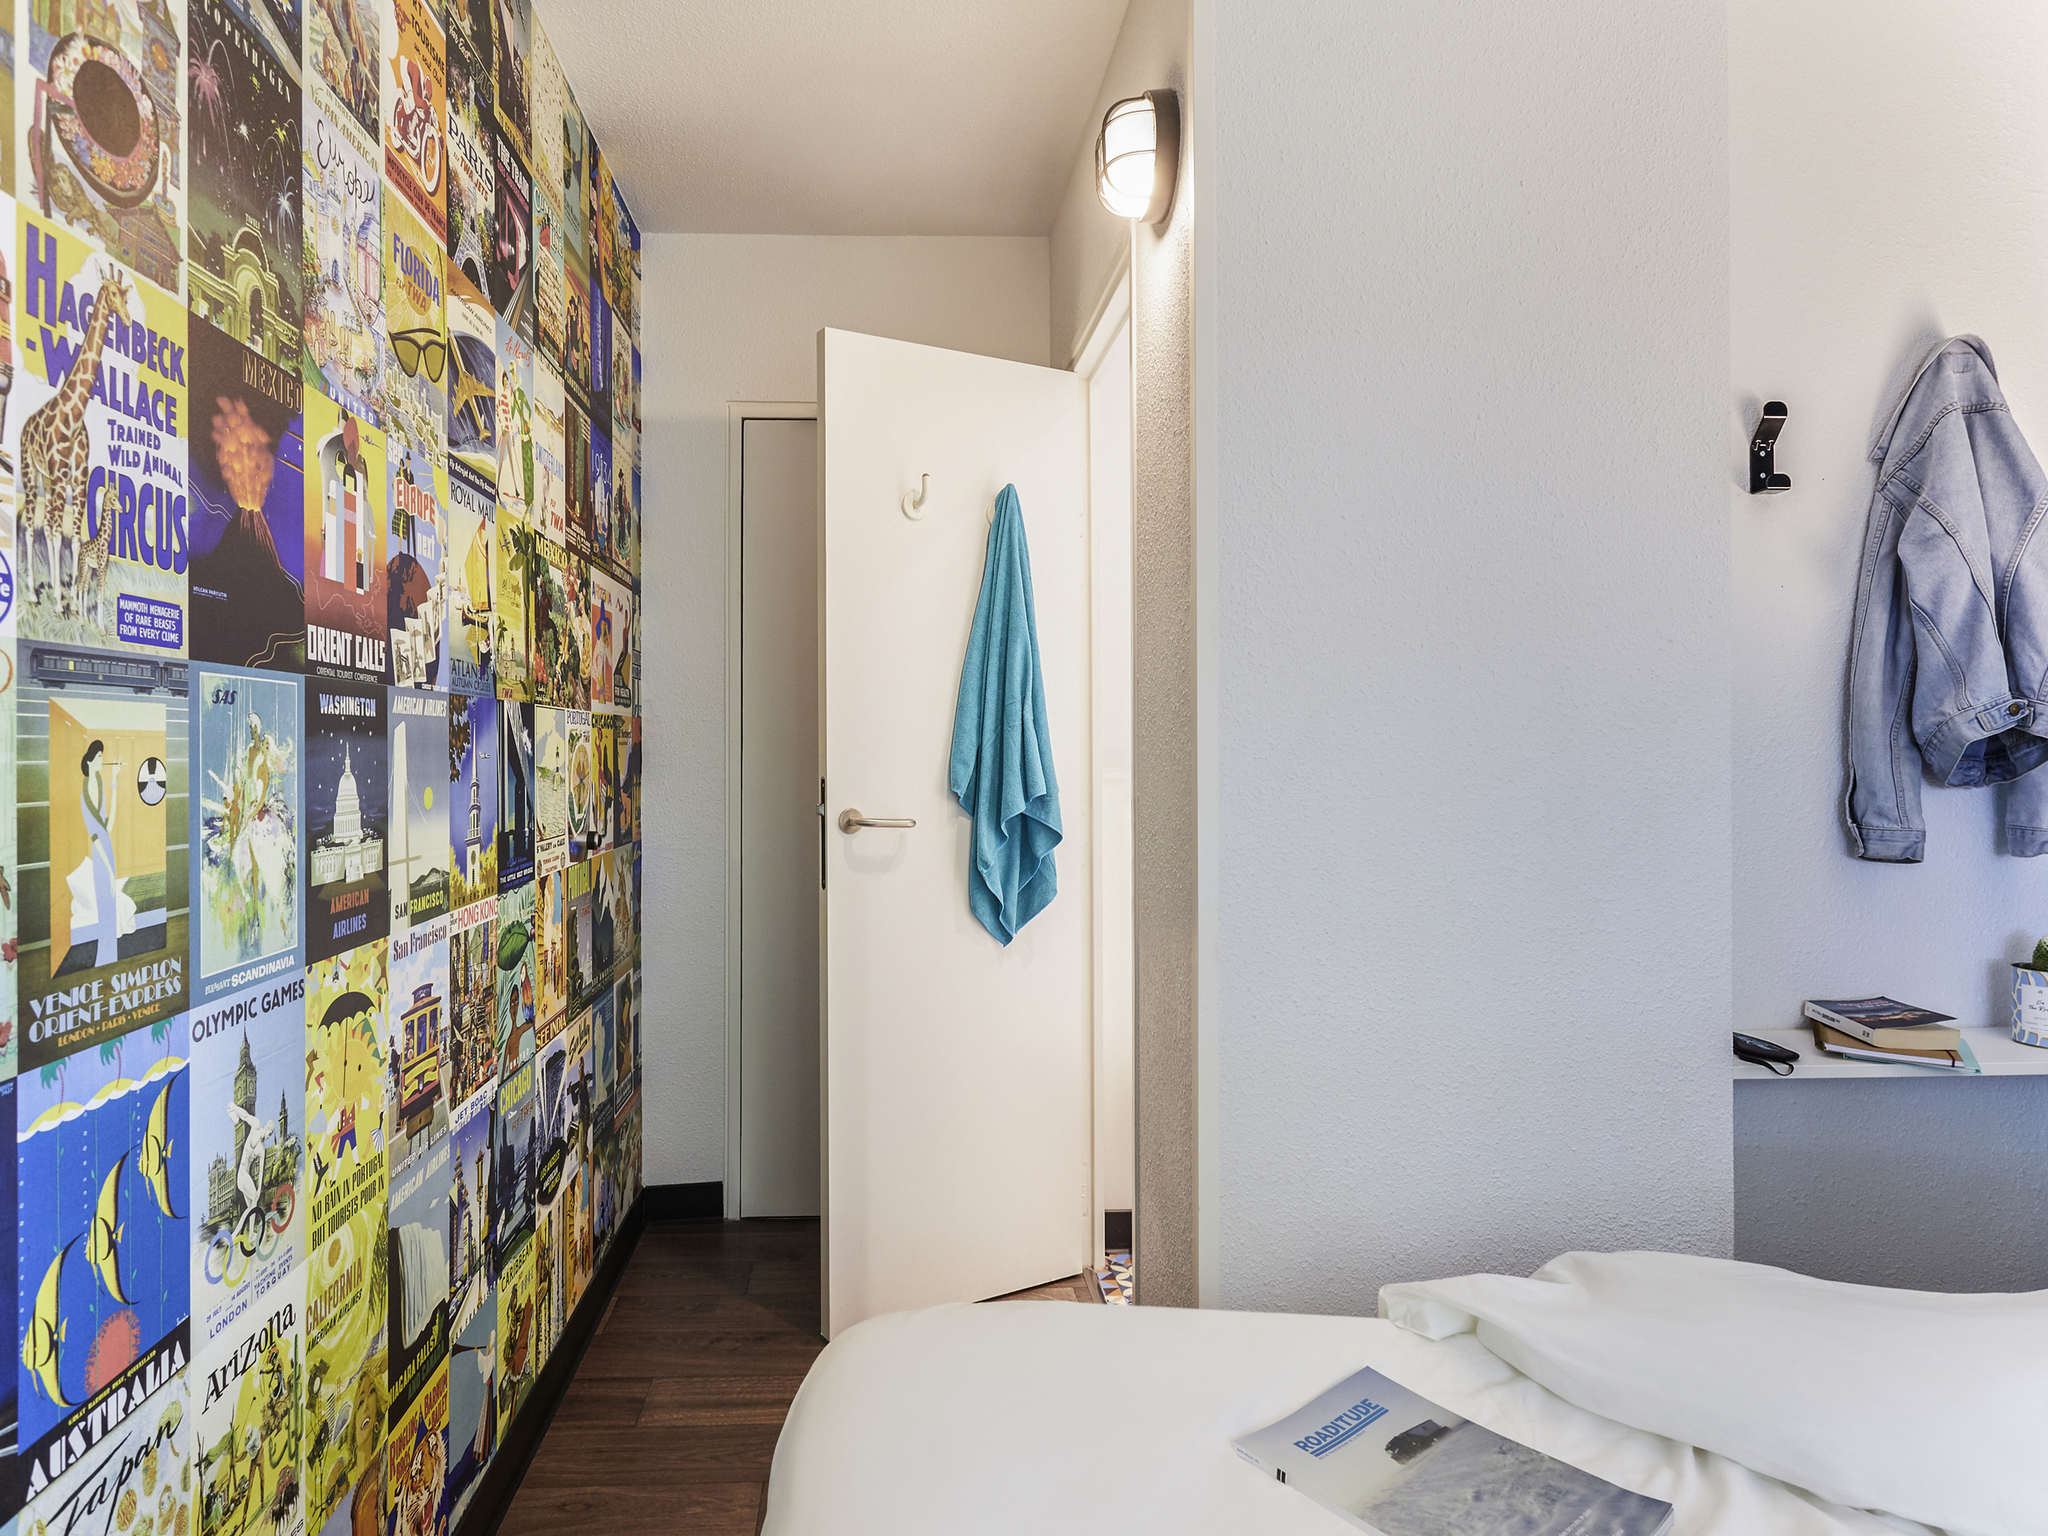 Отель — hotelF1 Marne-la-Vallée Collégien (rénové)